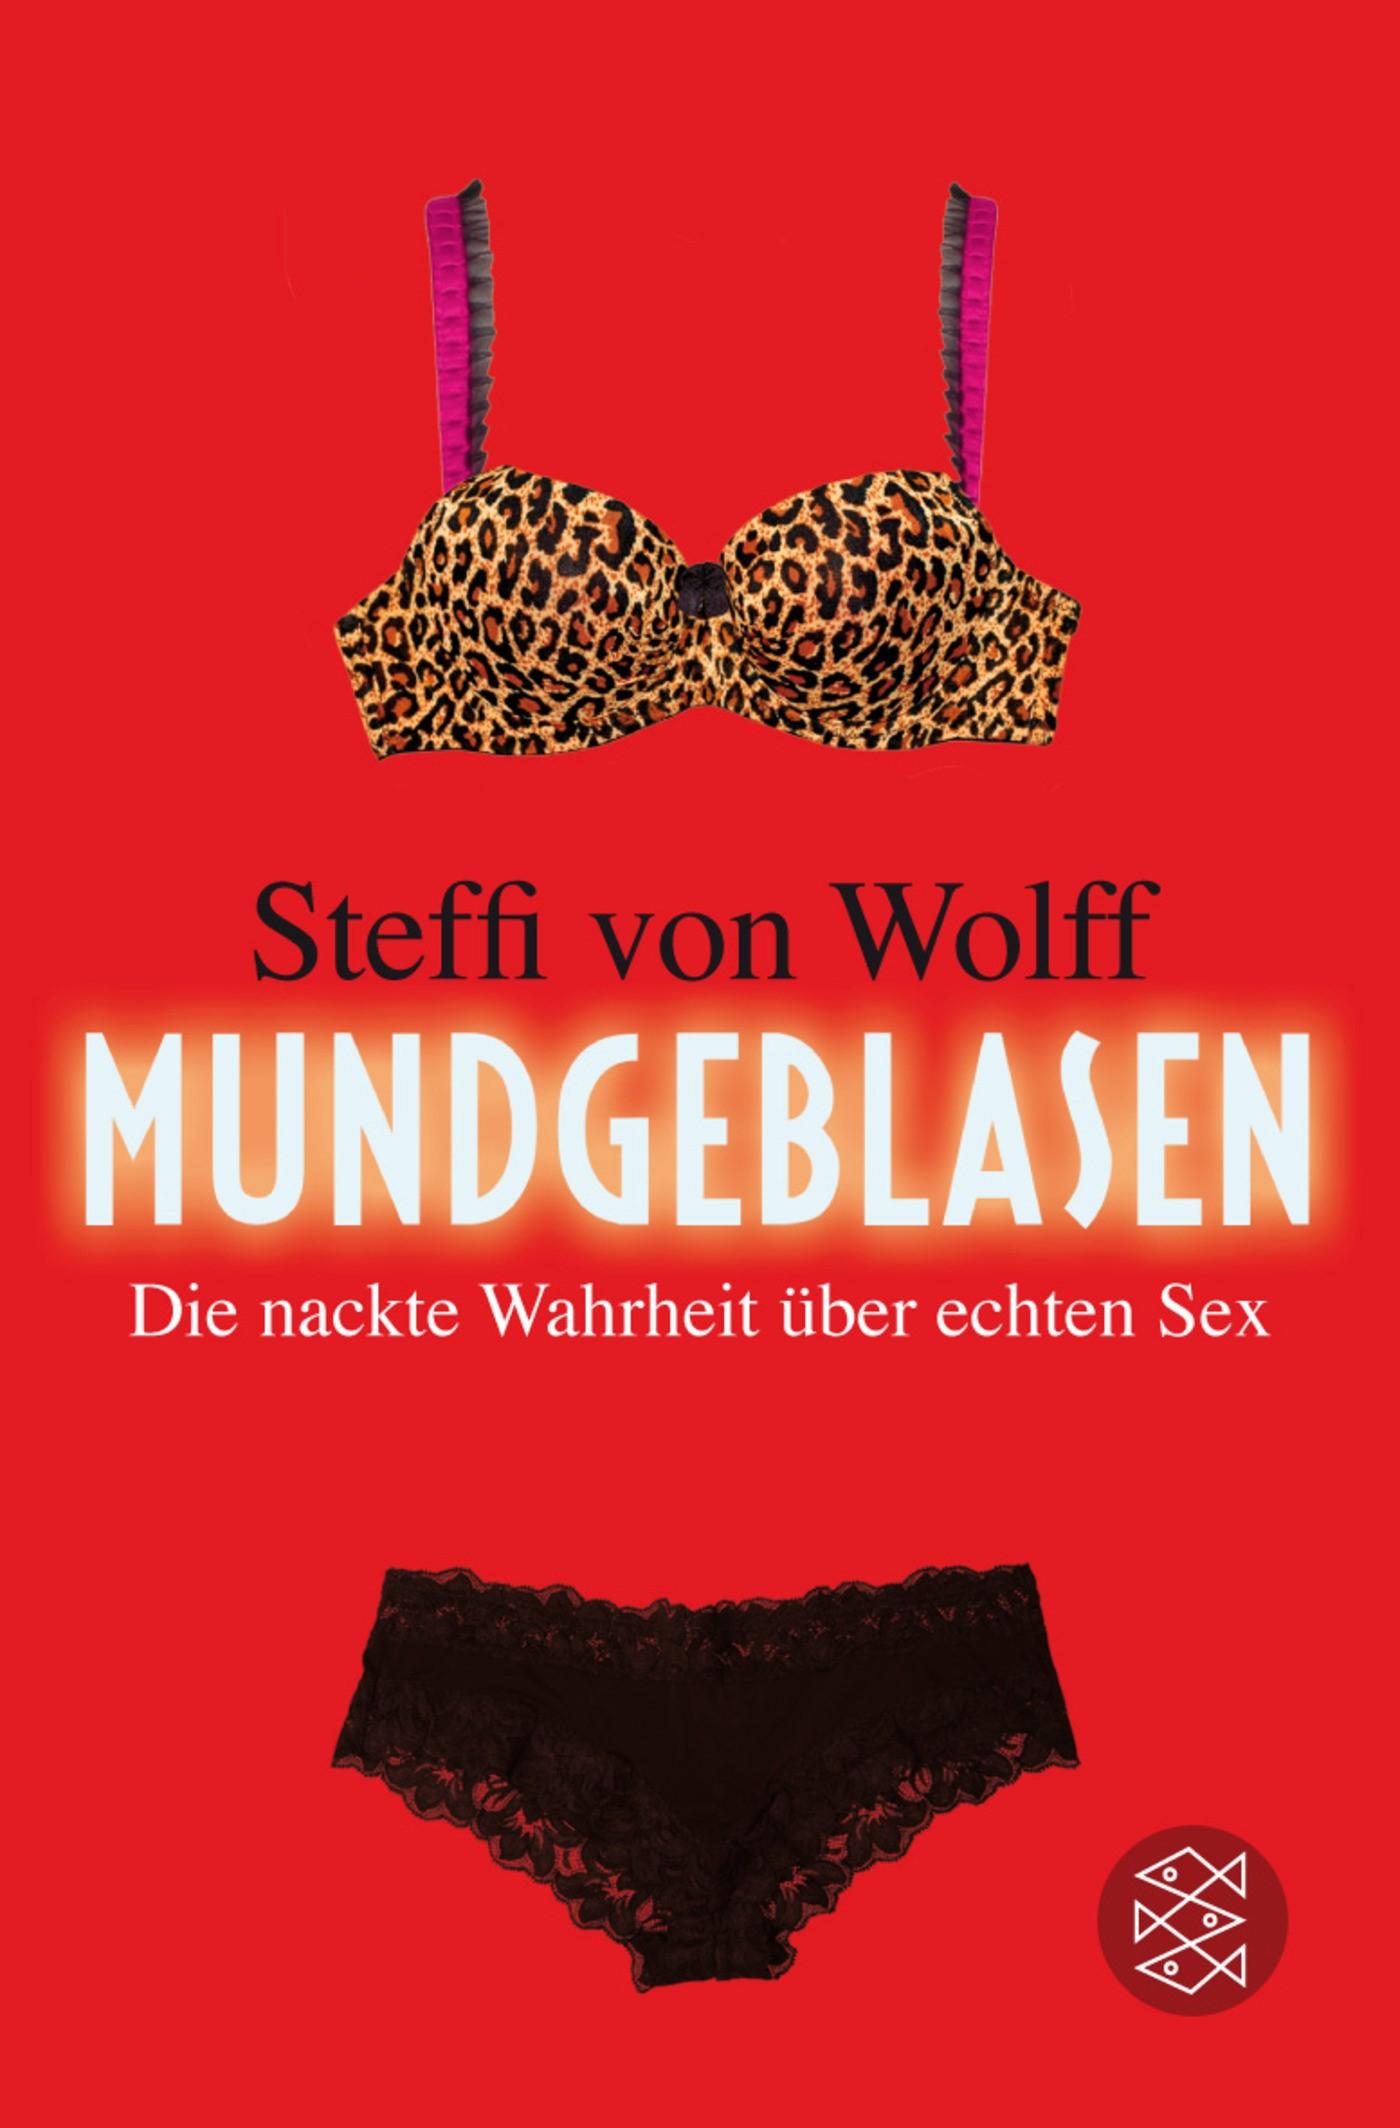 Abbildung von Wolff | Mundgeblasen | 2014